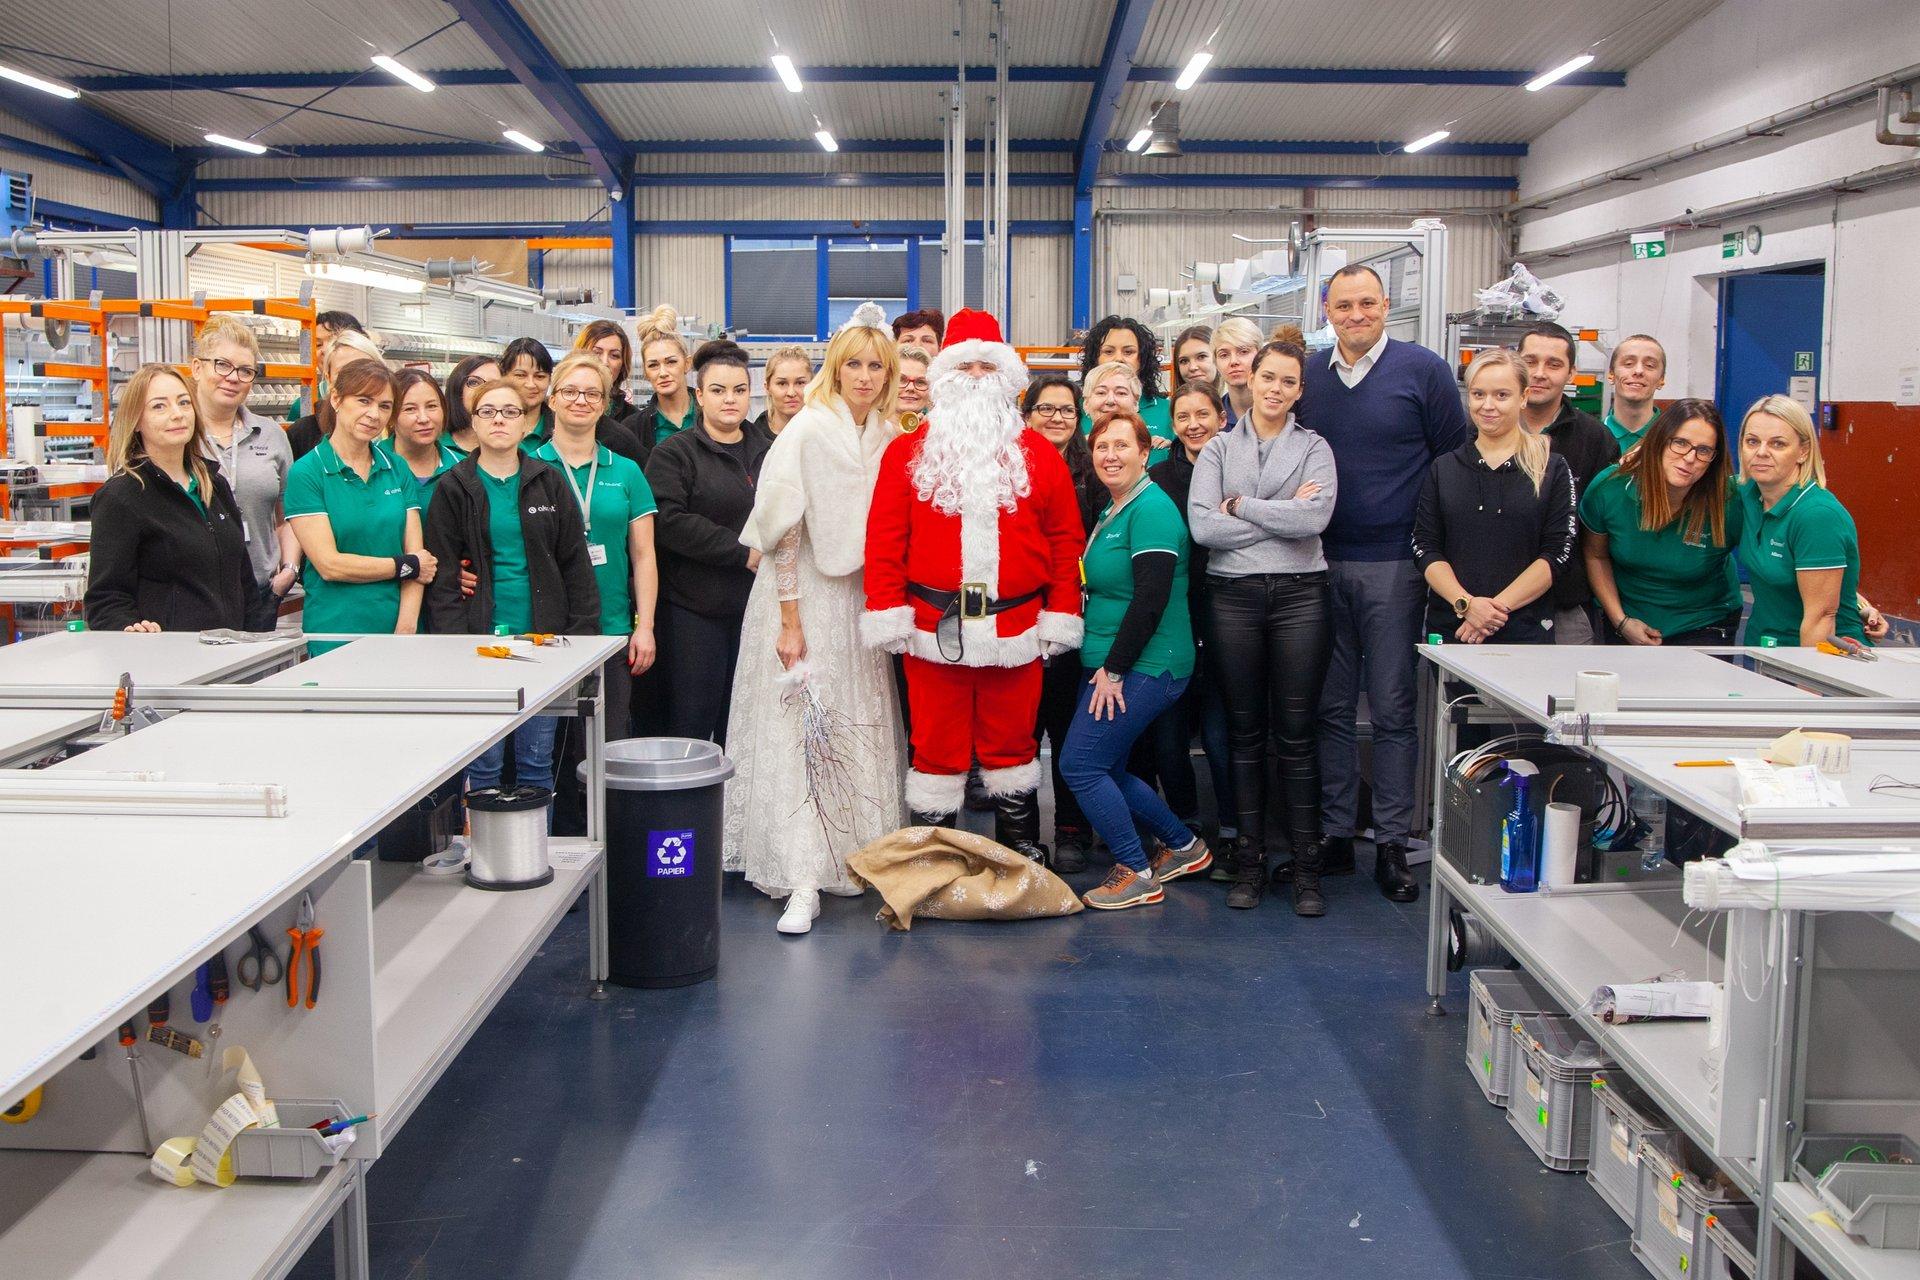 Mikołaj wraz ze Śnieżynką u Pracowników